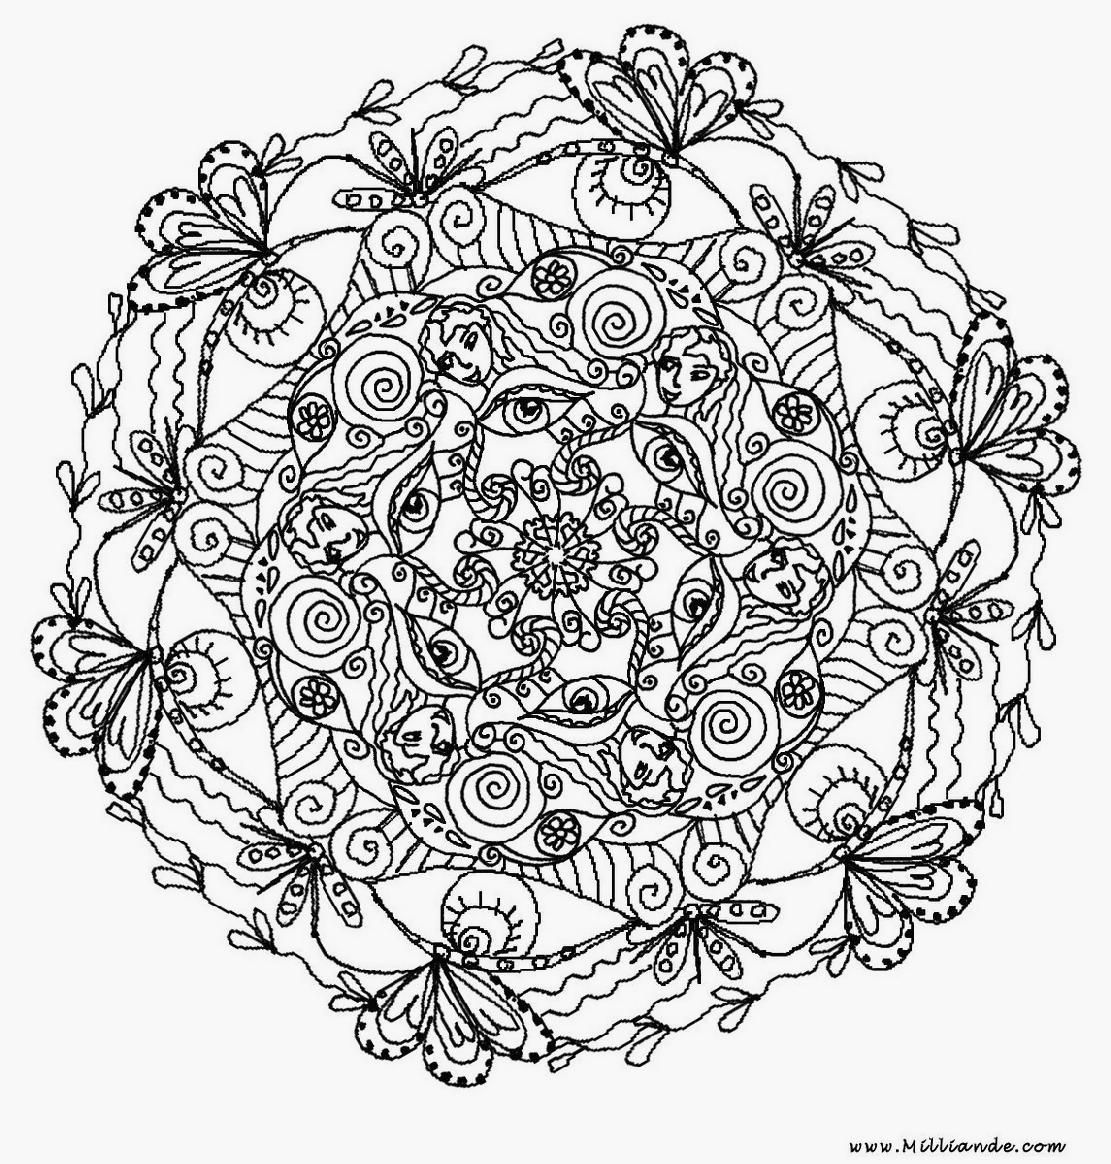 57 dessins de coloriage mandalas fleurs imprimer sur page 2 - Coloriage fleur mandala ...